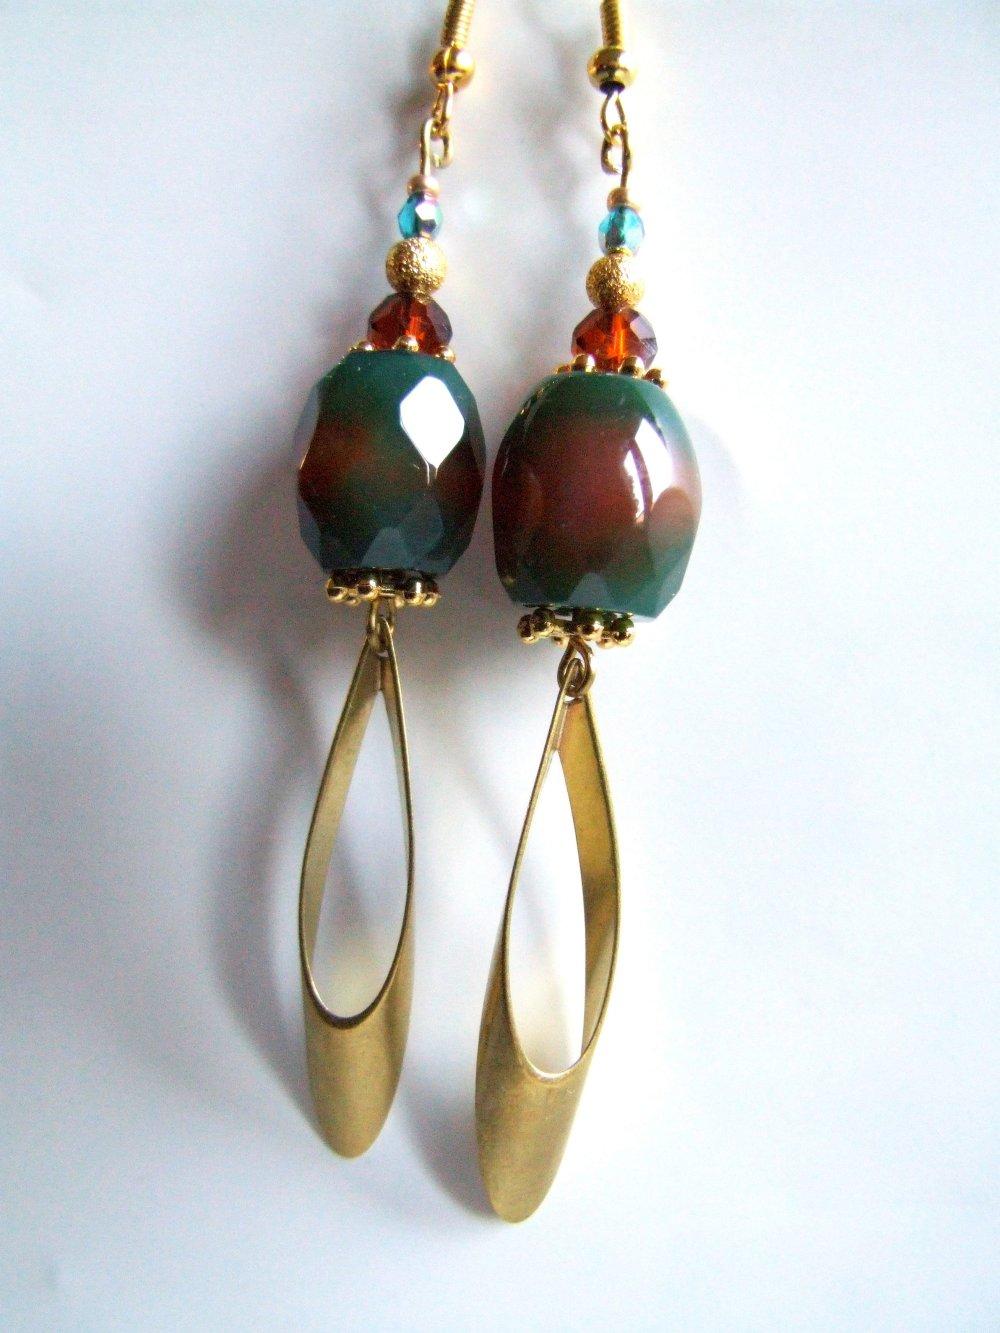 Boucles d'oreilles pierre, agate vert orangé, pierre facettée, cristal facetté, accessoires dorés, bijou fait-main, achat solidaire